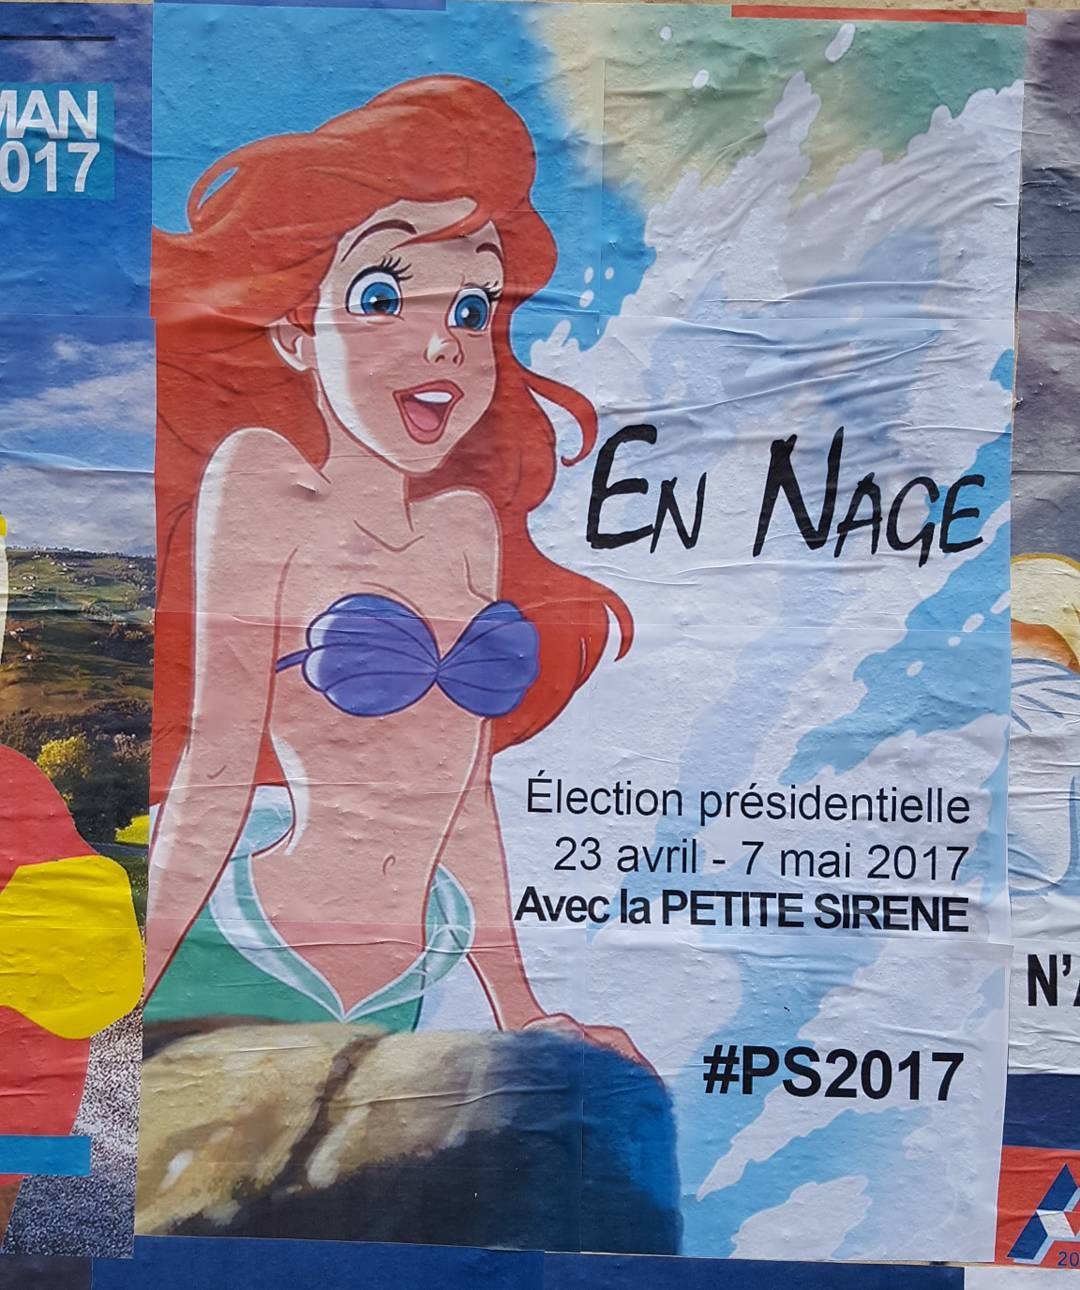 [Parodie] Les meilleures (fausses) affiches des présidentielles 2017 7